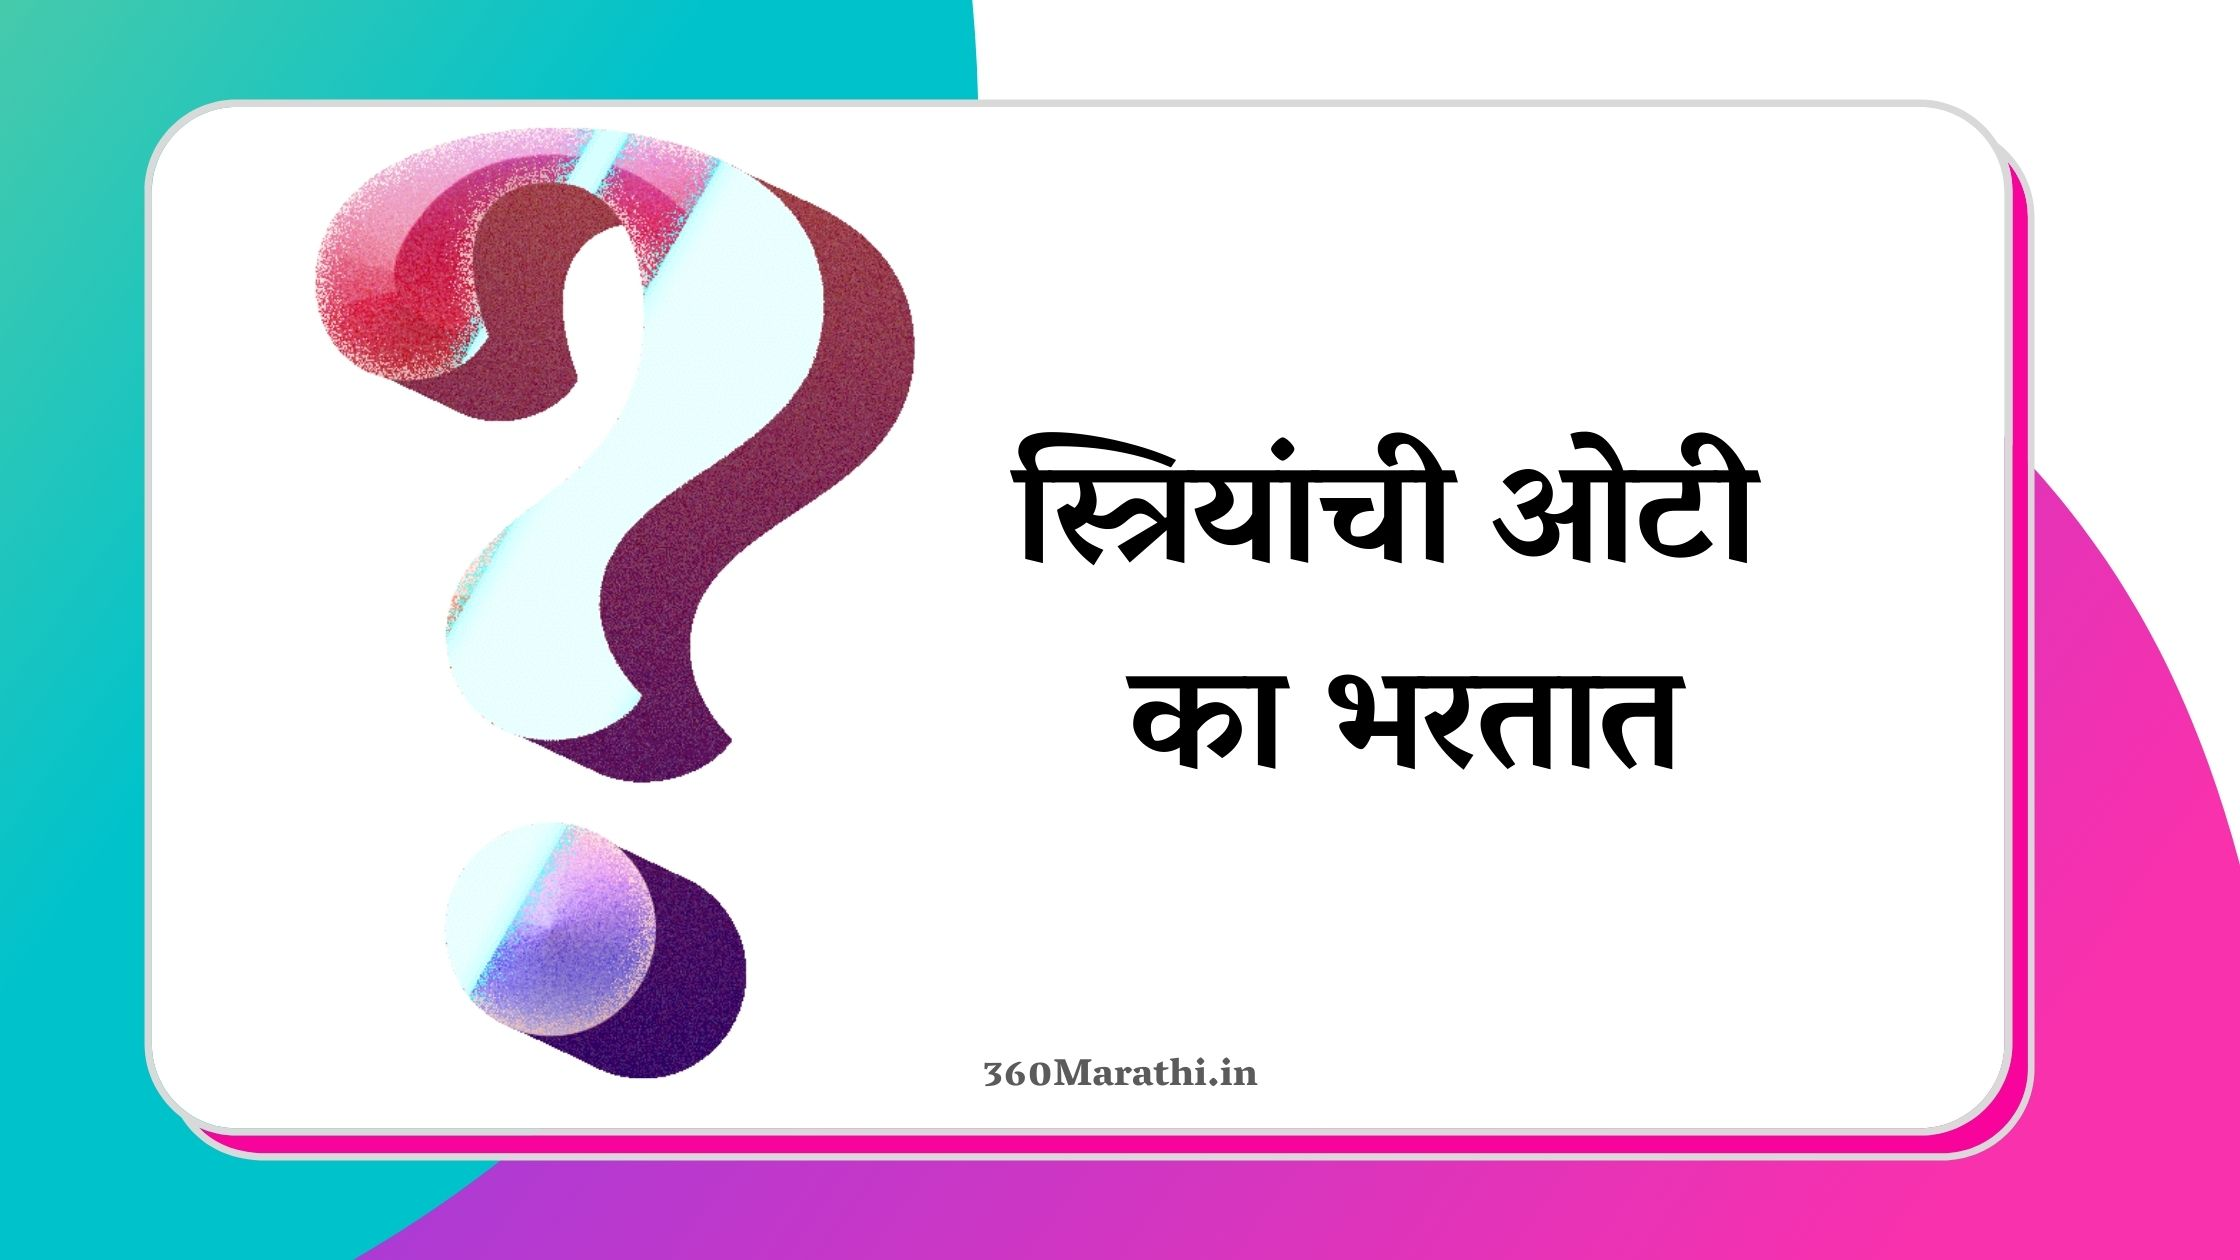 स्त्रियांची ओटी का भरतात ? | ओटी पदरात का घेतात ? | Striyanchi Oti Ka Bhartat ?